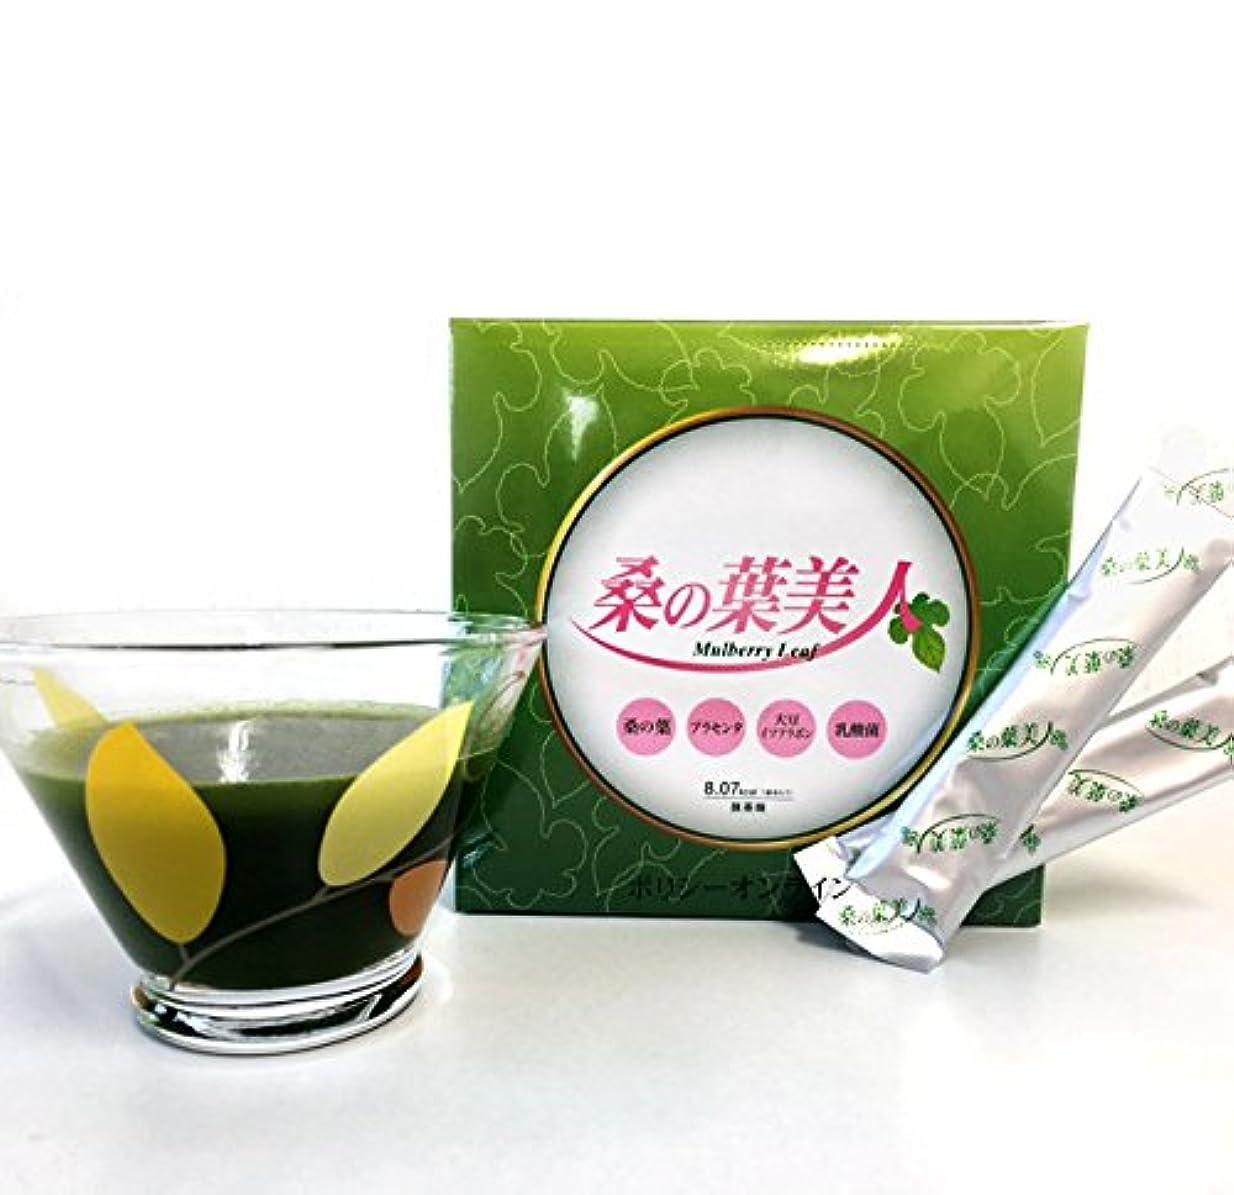 胃イタリアの深めるポリシー化粧品 【サプリメント/内面美容】桑の葉美人 3g×50袋